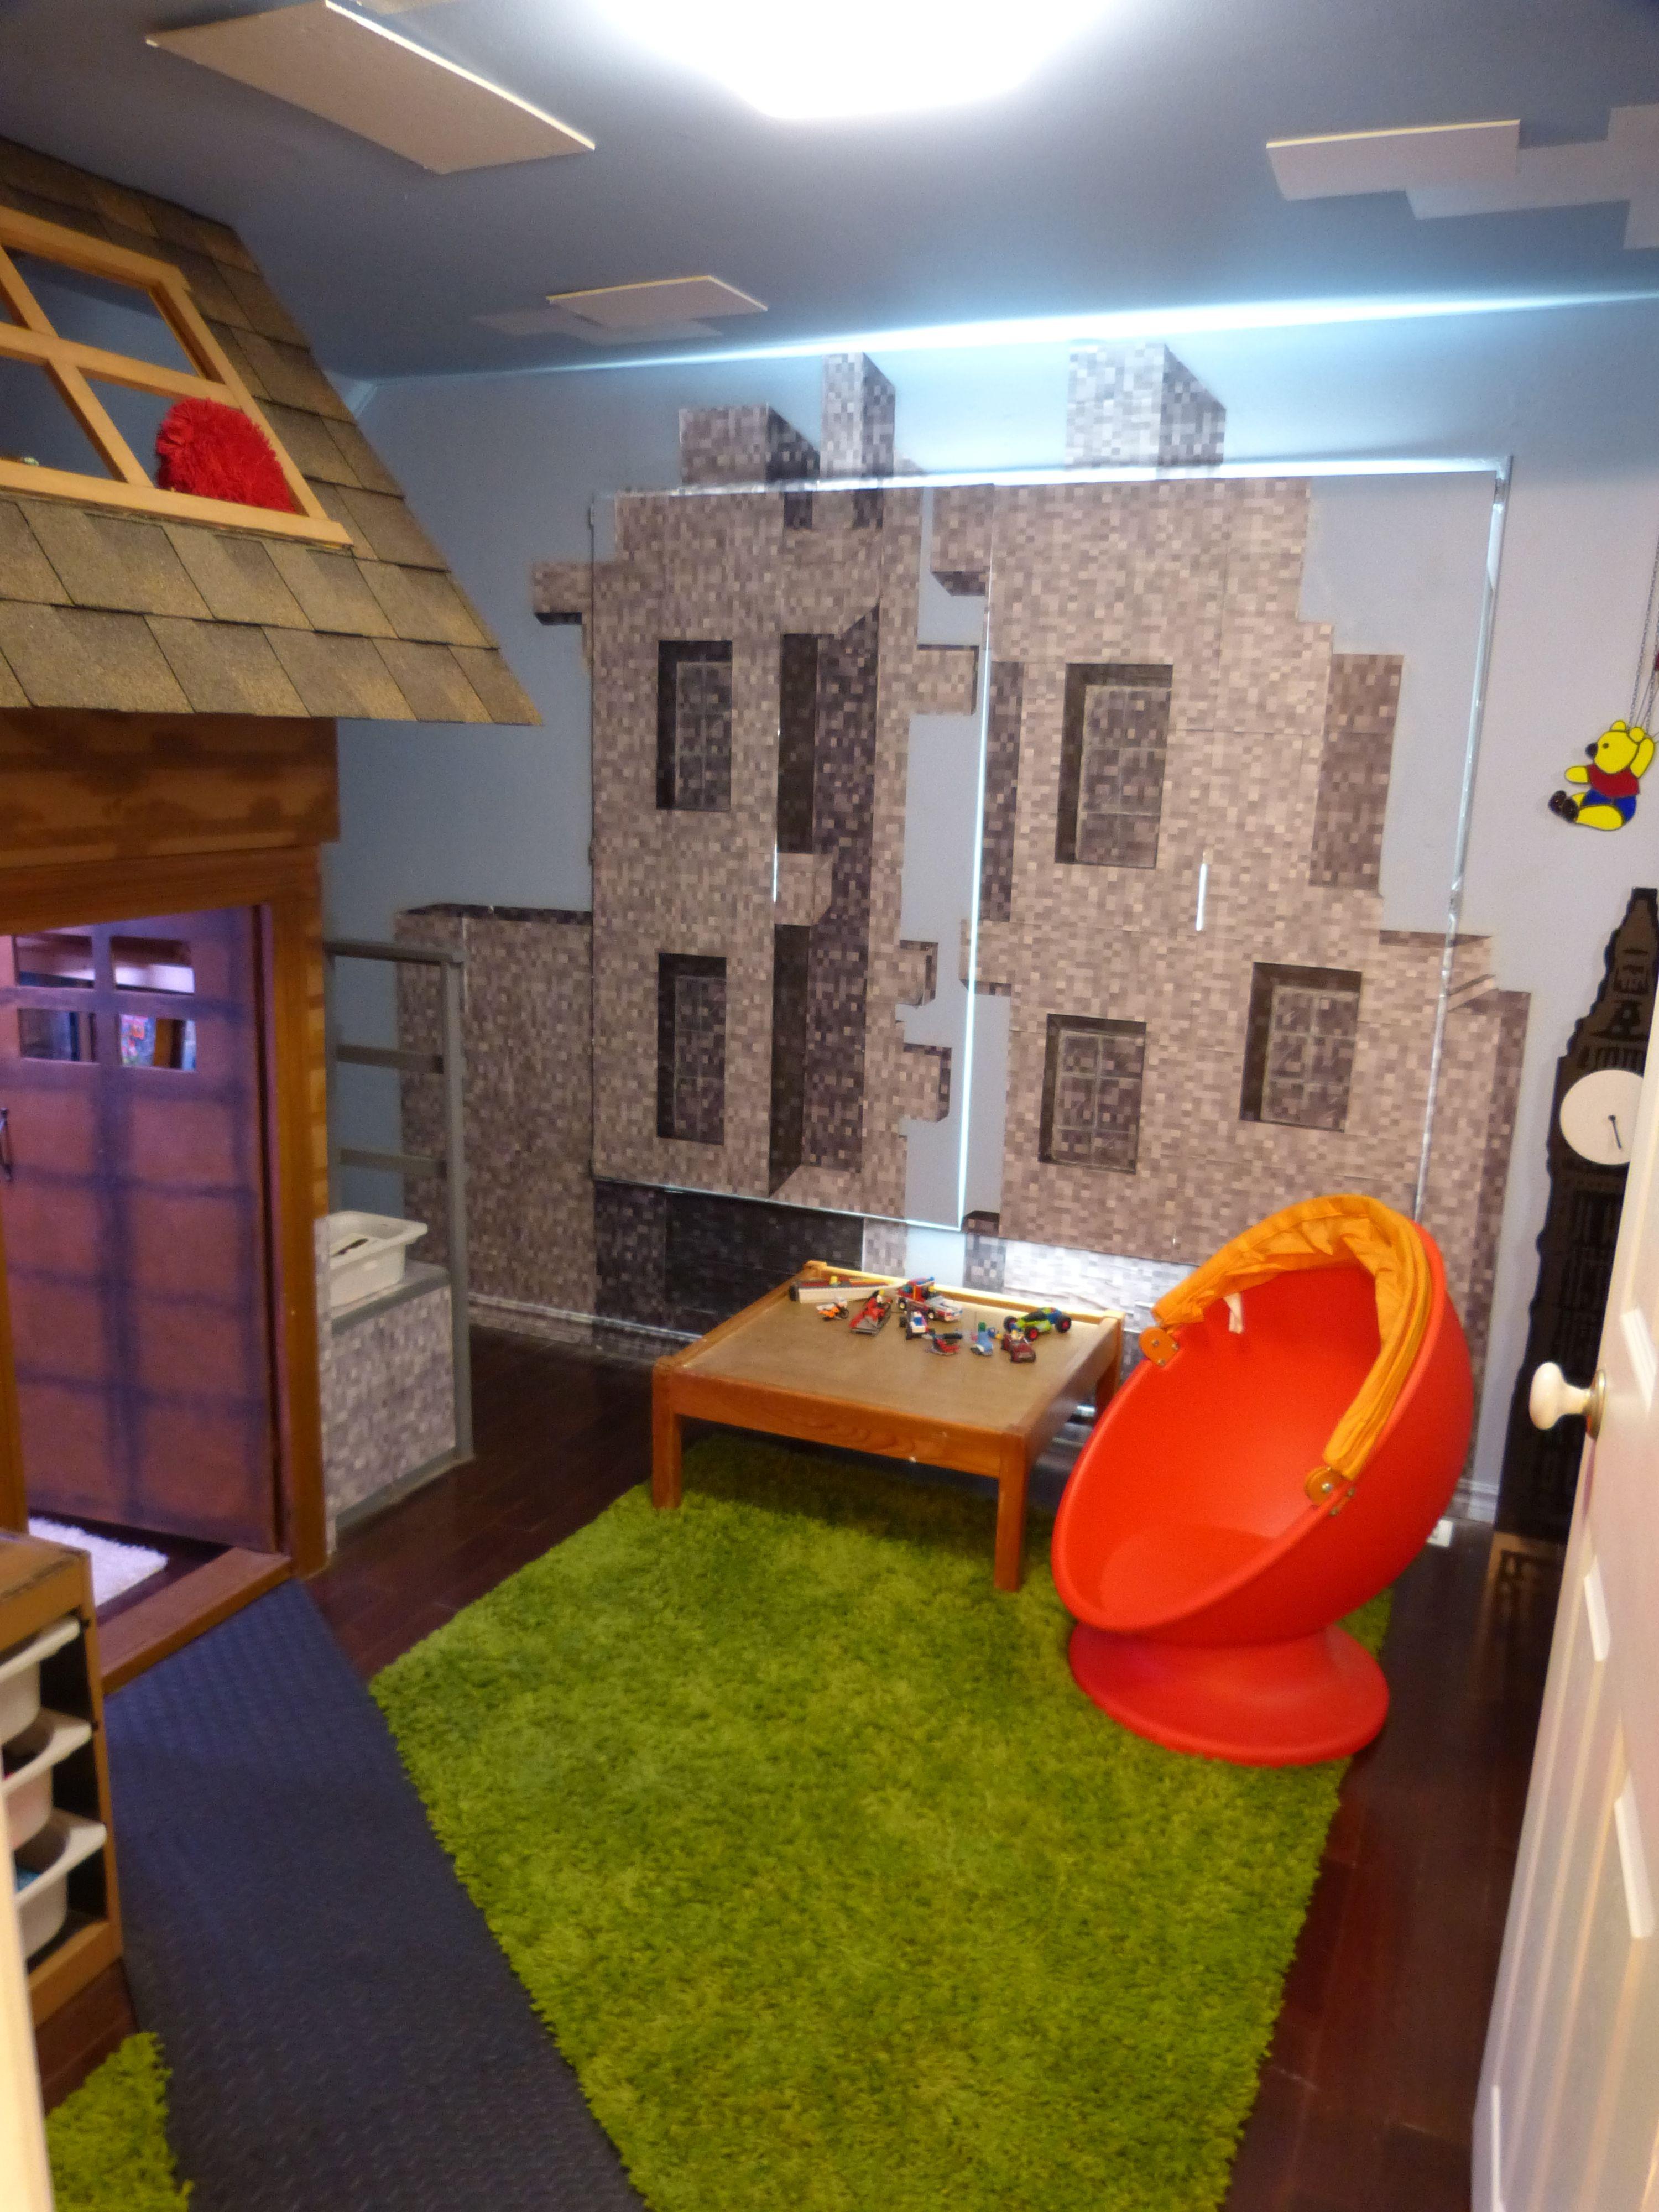 Cool Room Design Minecraft - valoblogi com